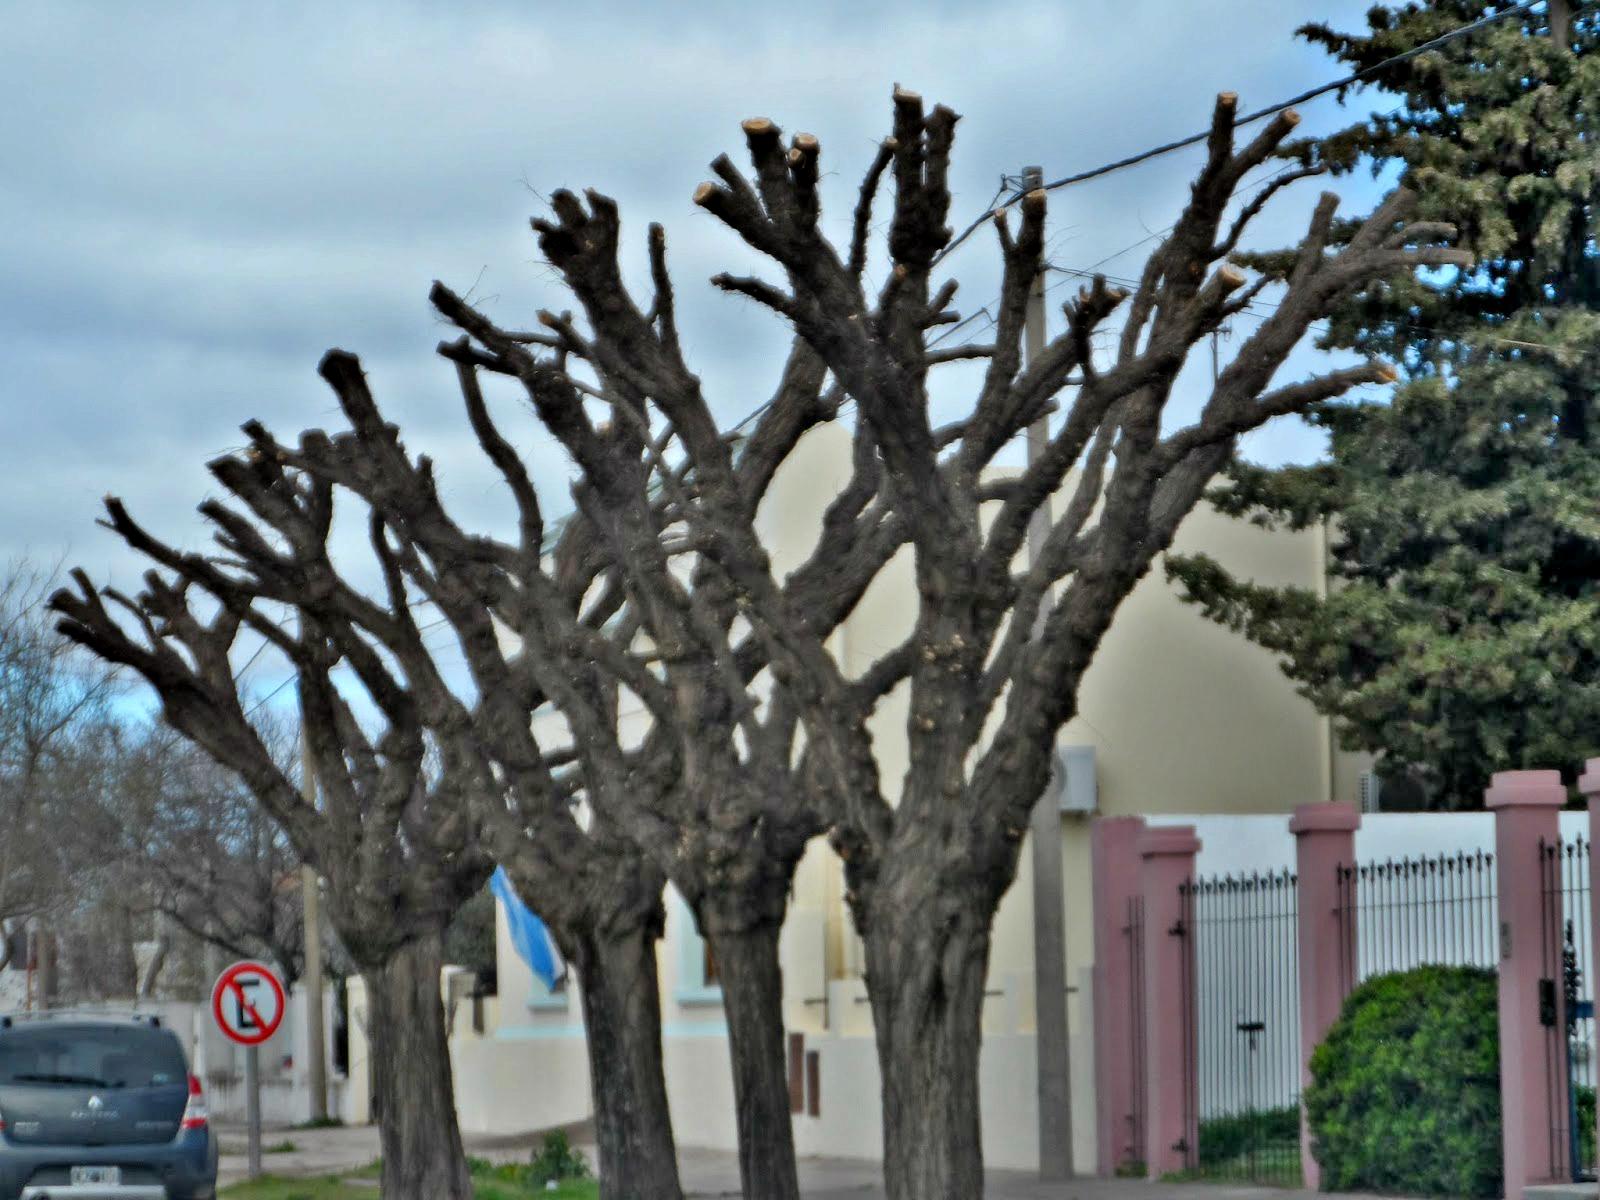 Poda de rboles urbanos una actividad insana para su salud y la tuya